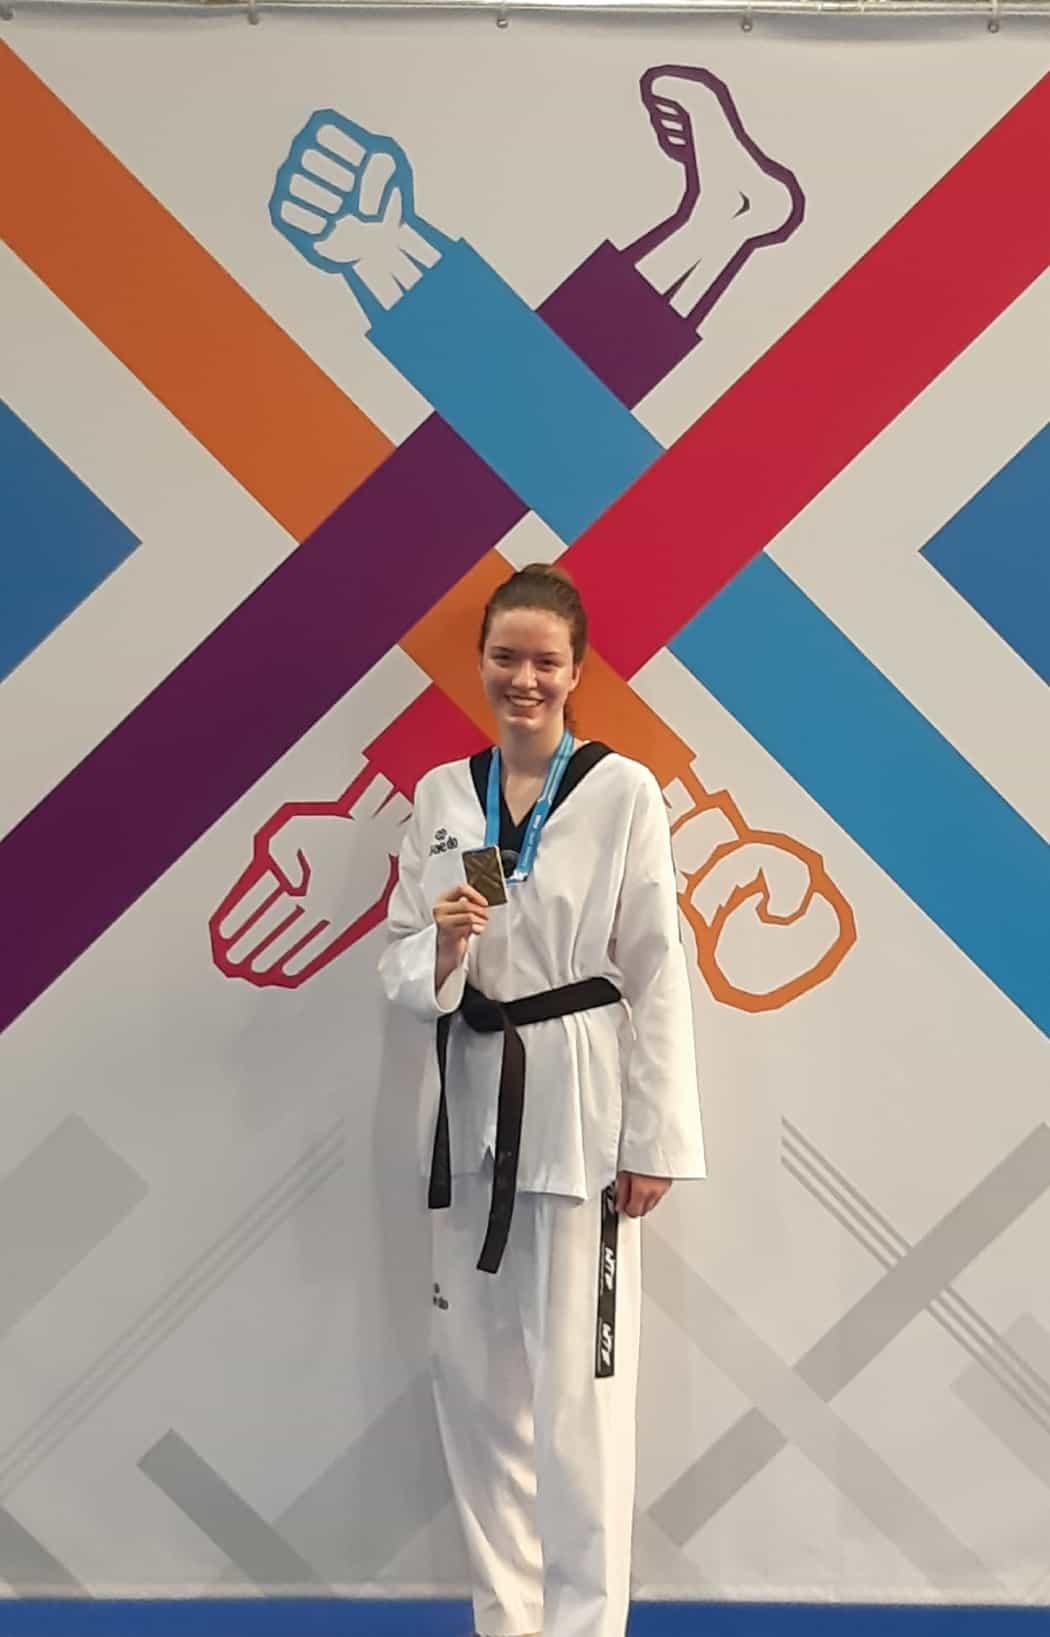 Alina mit Medaille nach einem Kampf